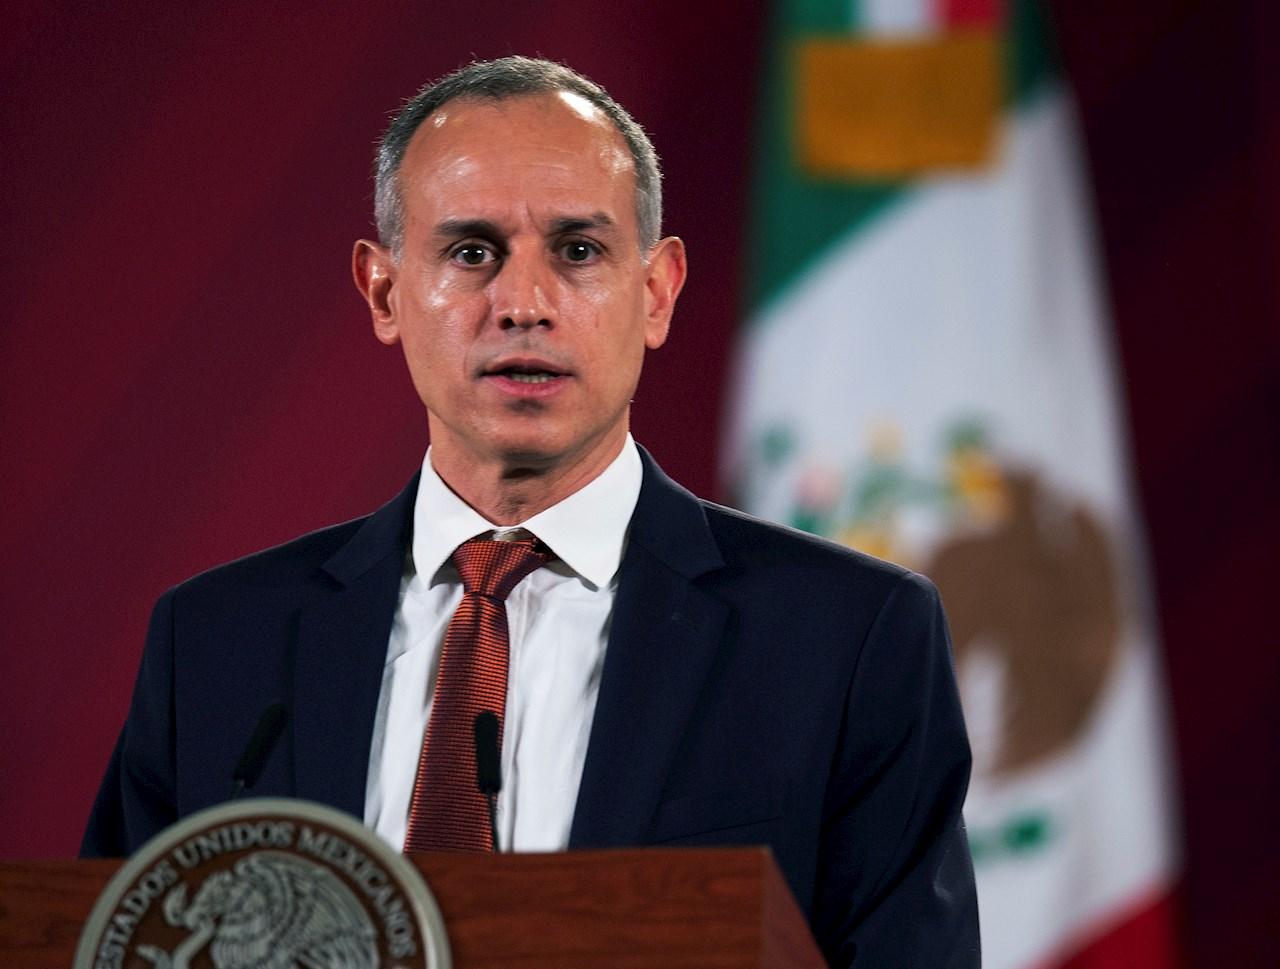 El plan de López-Gatell para fortalecer a Cofepris y 'limpiar' de corrupción a la regulación sanitaria